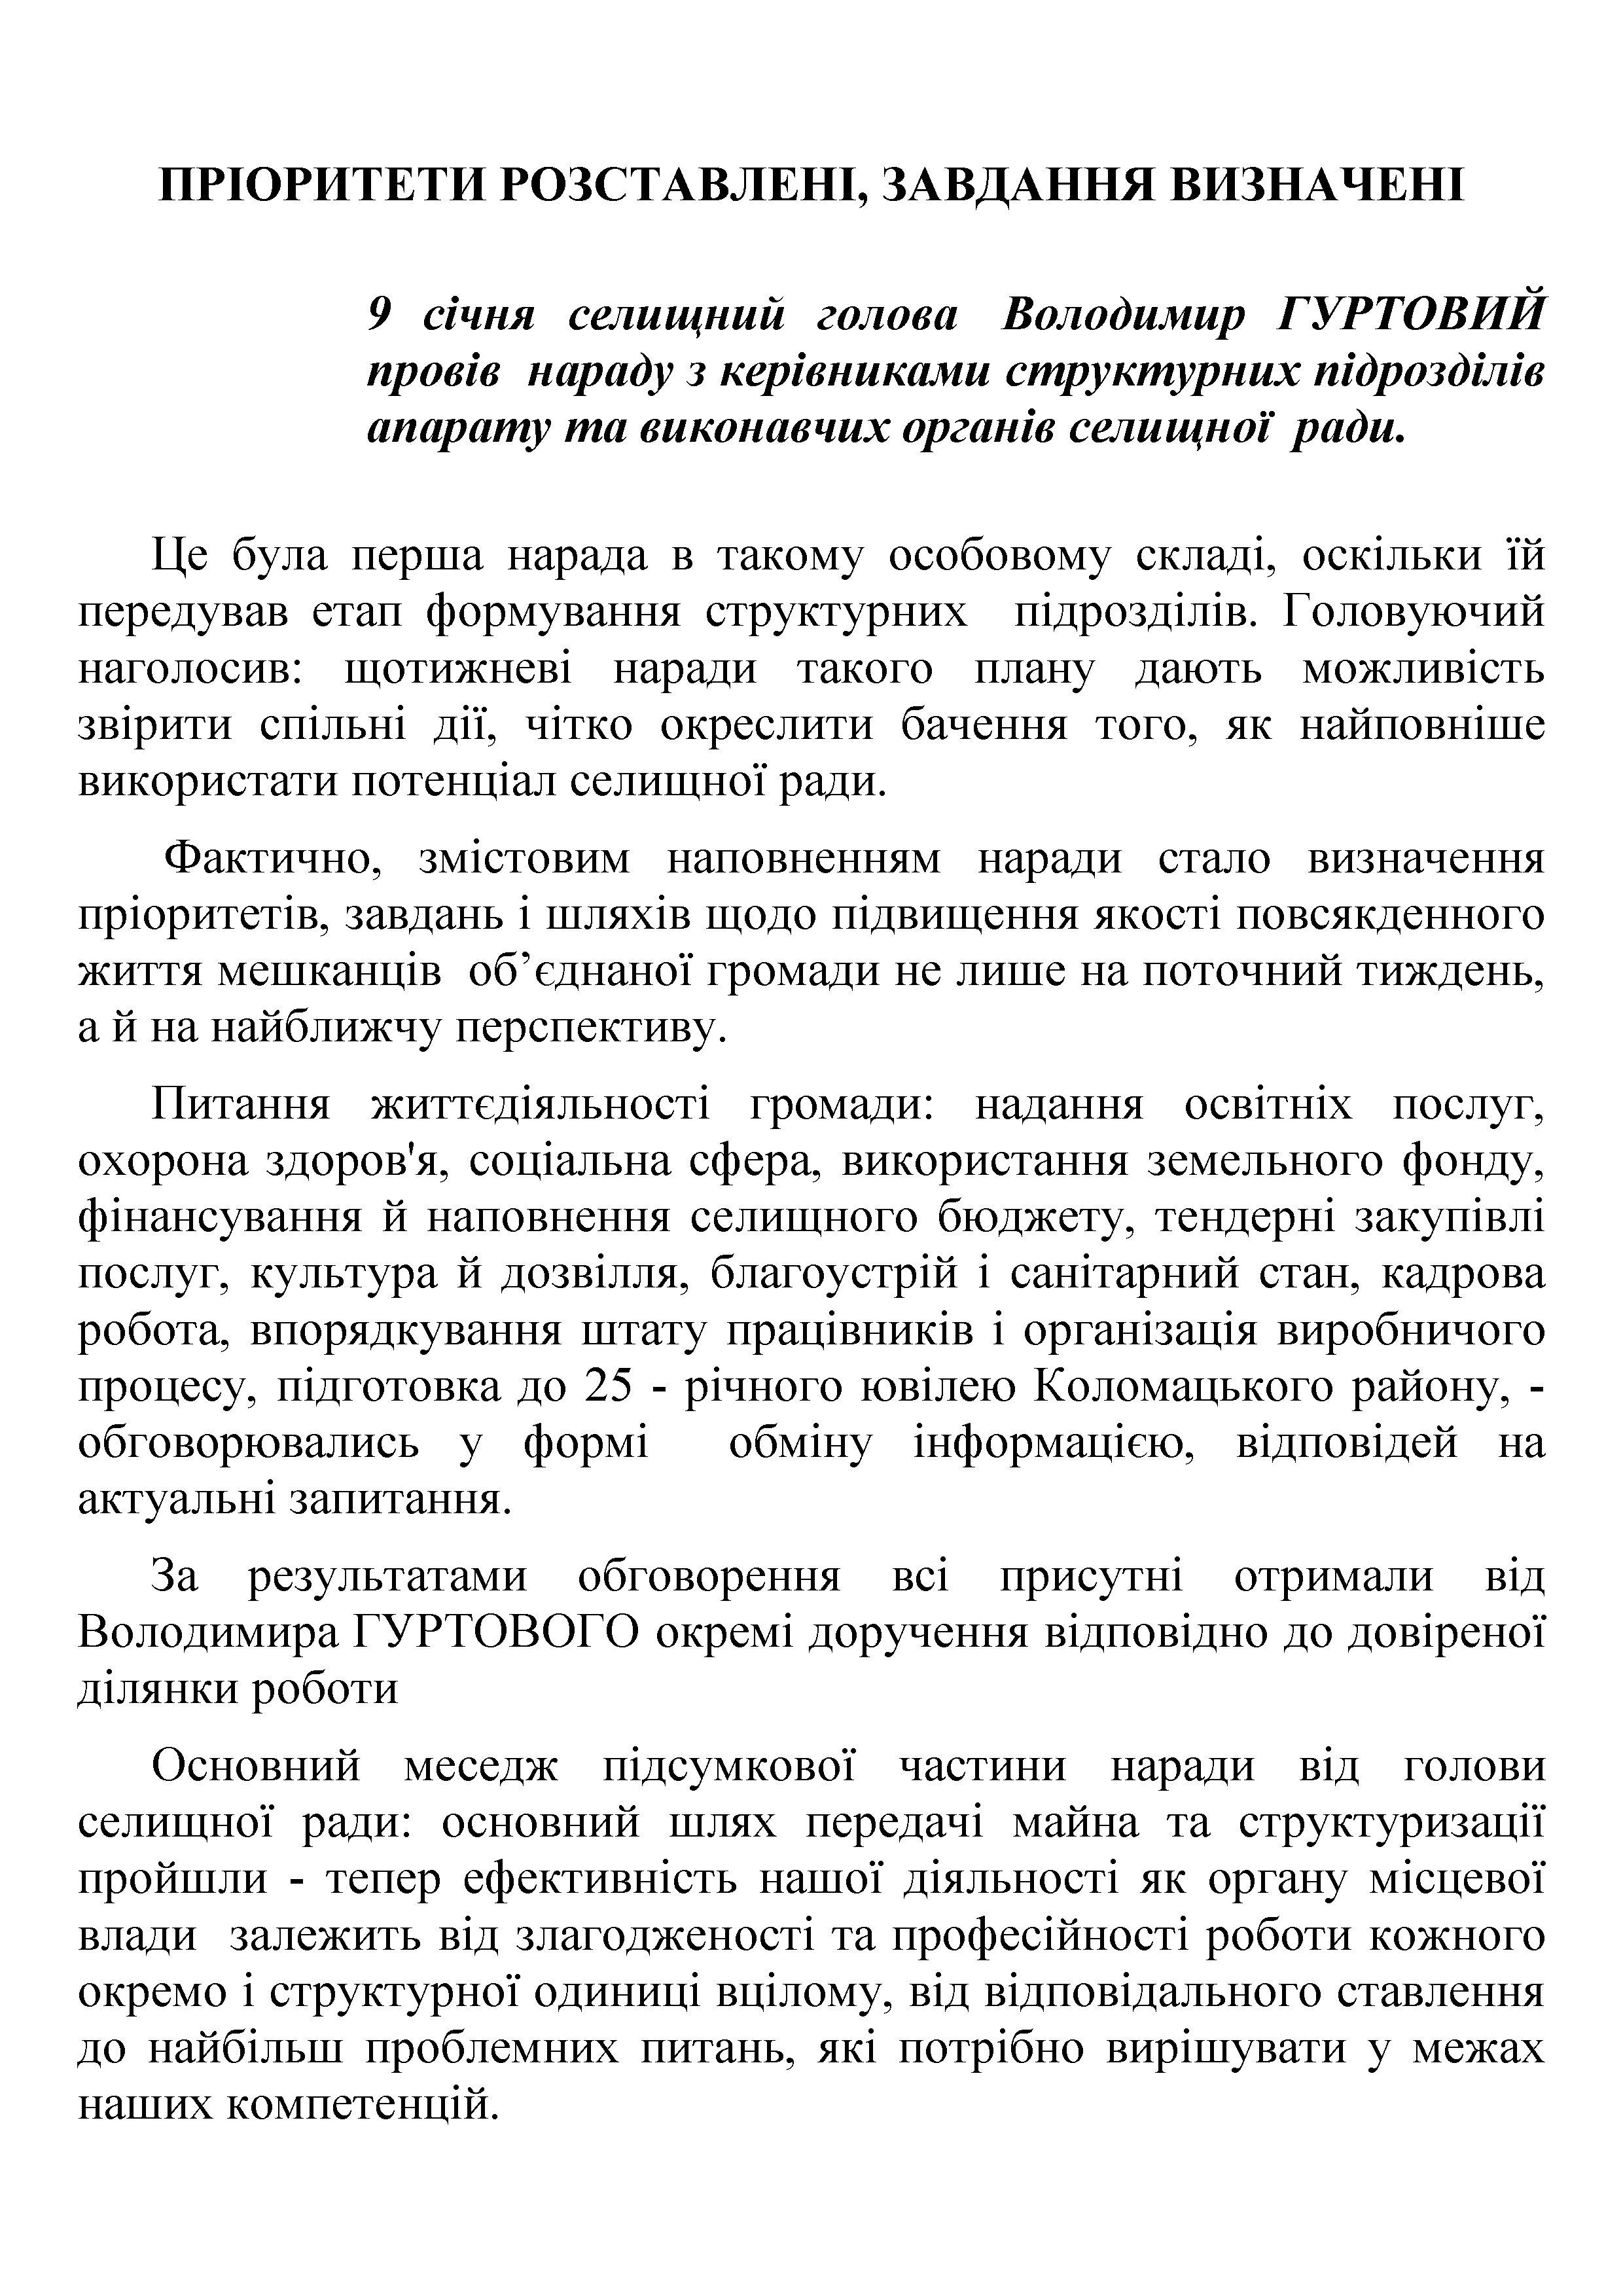 === Нарада у голови с-р